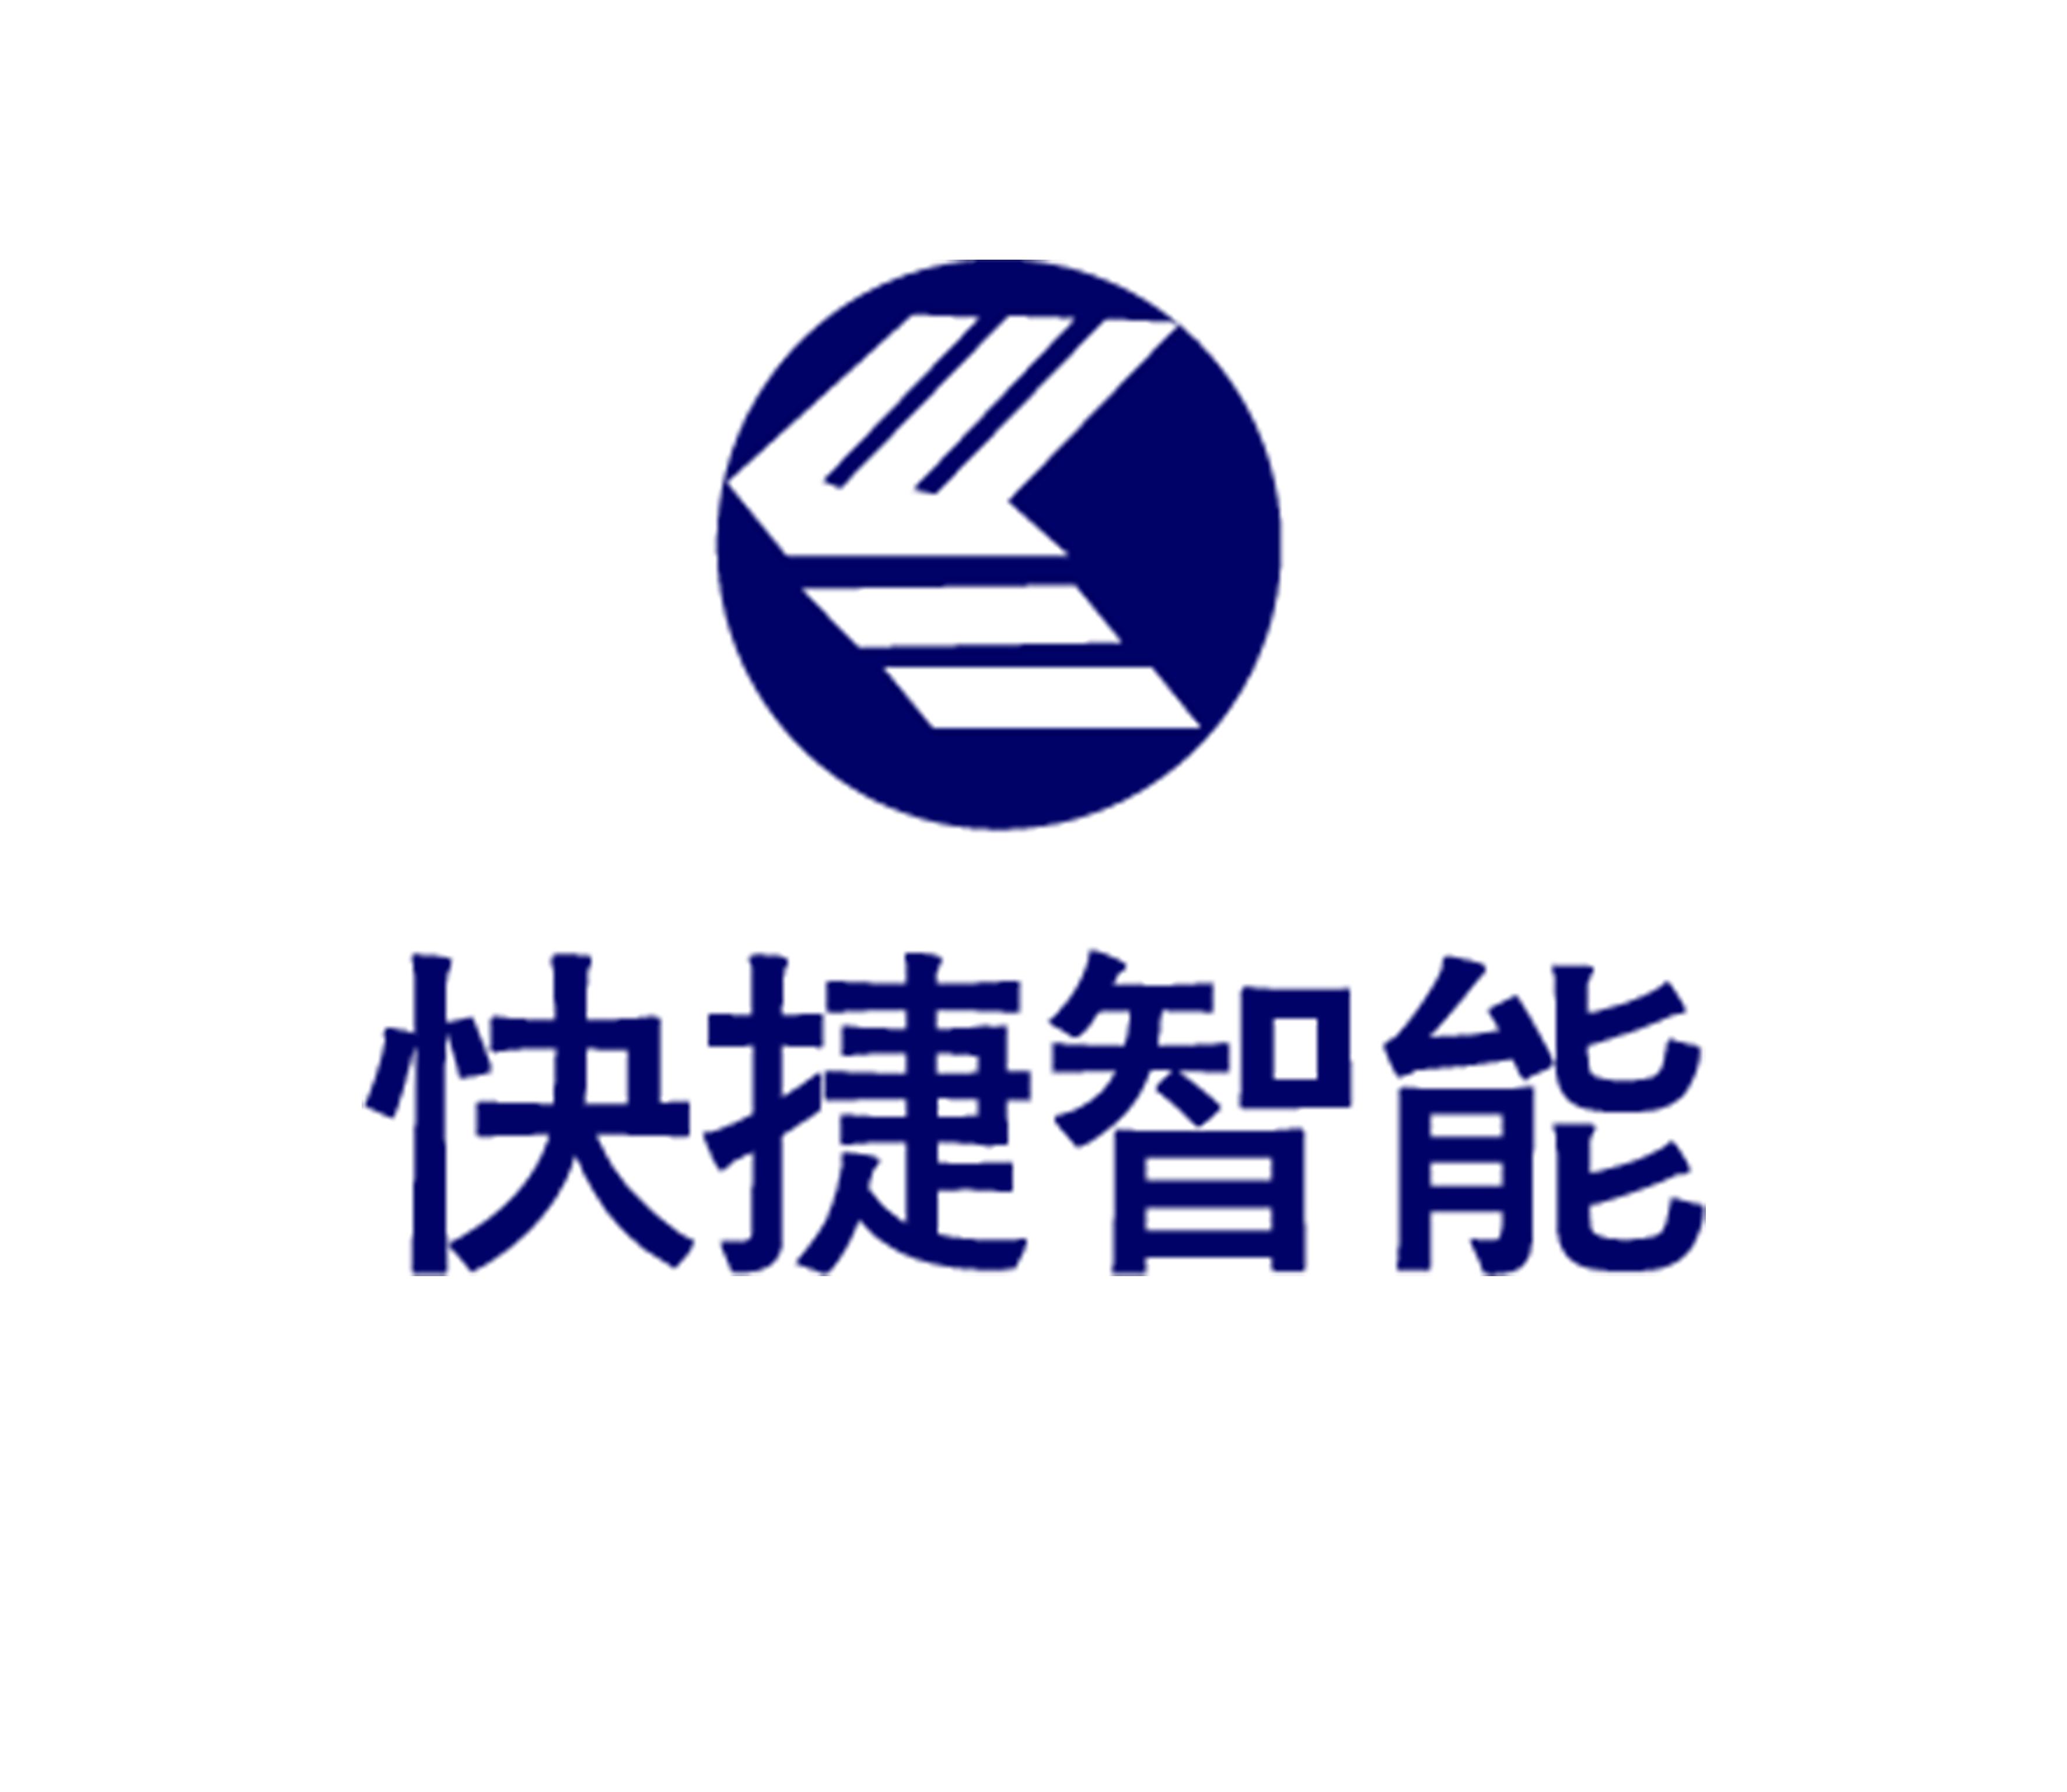 蘇州快捷智能科技有限公司